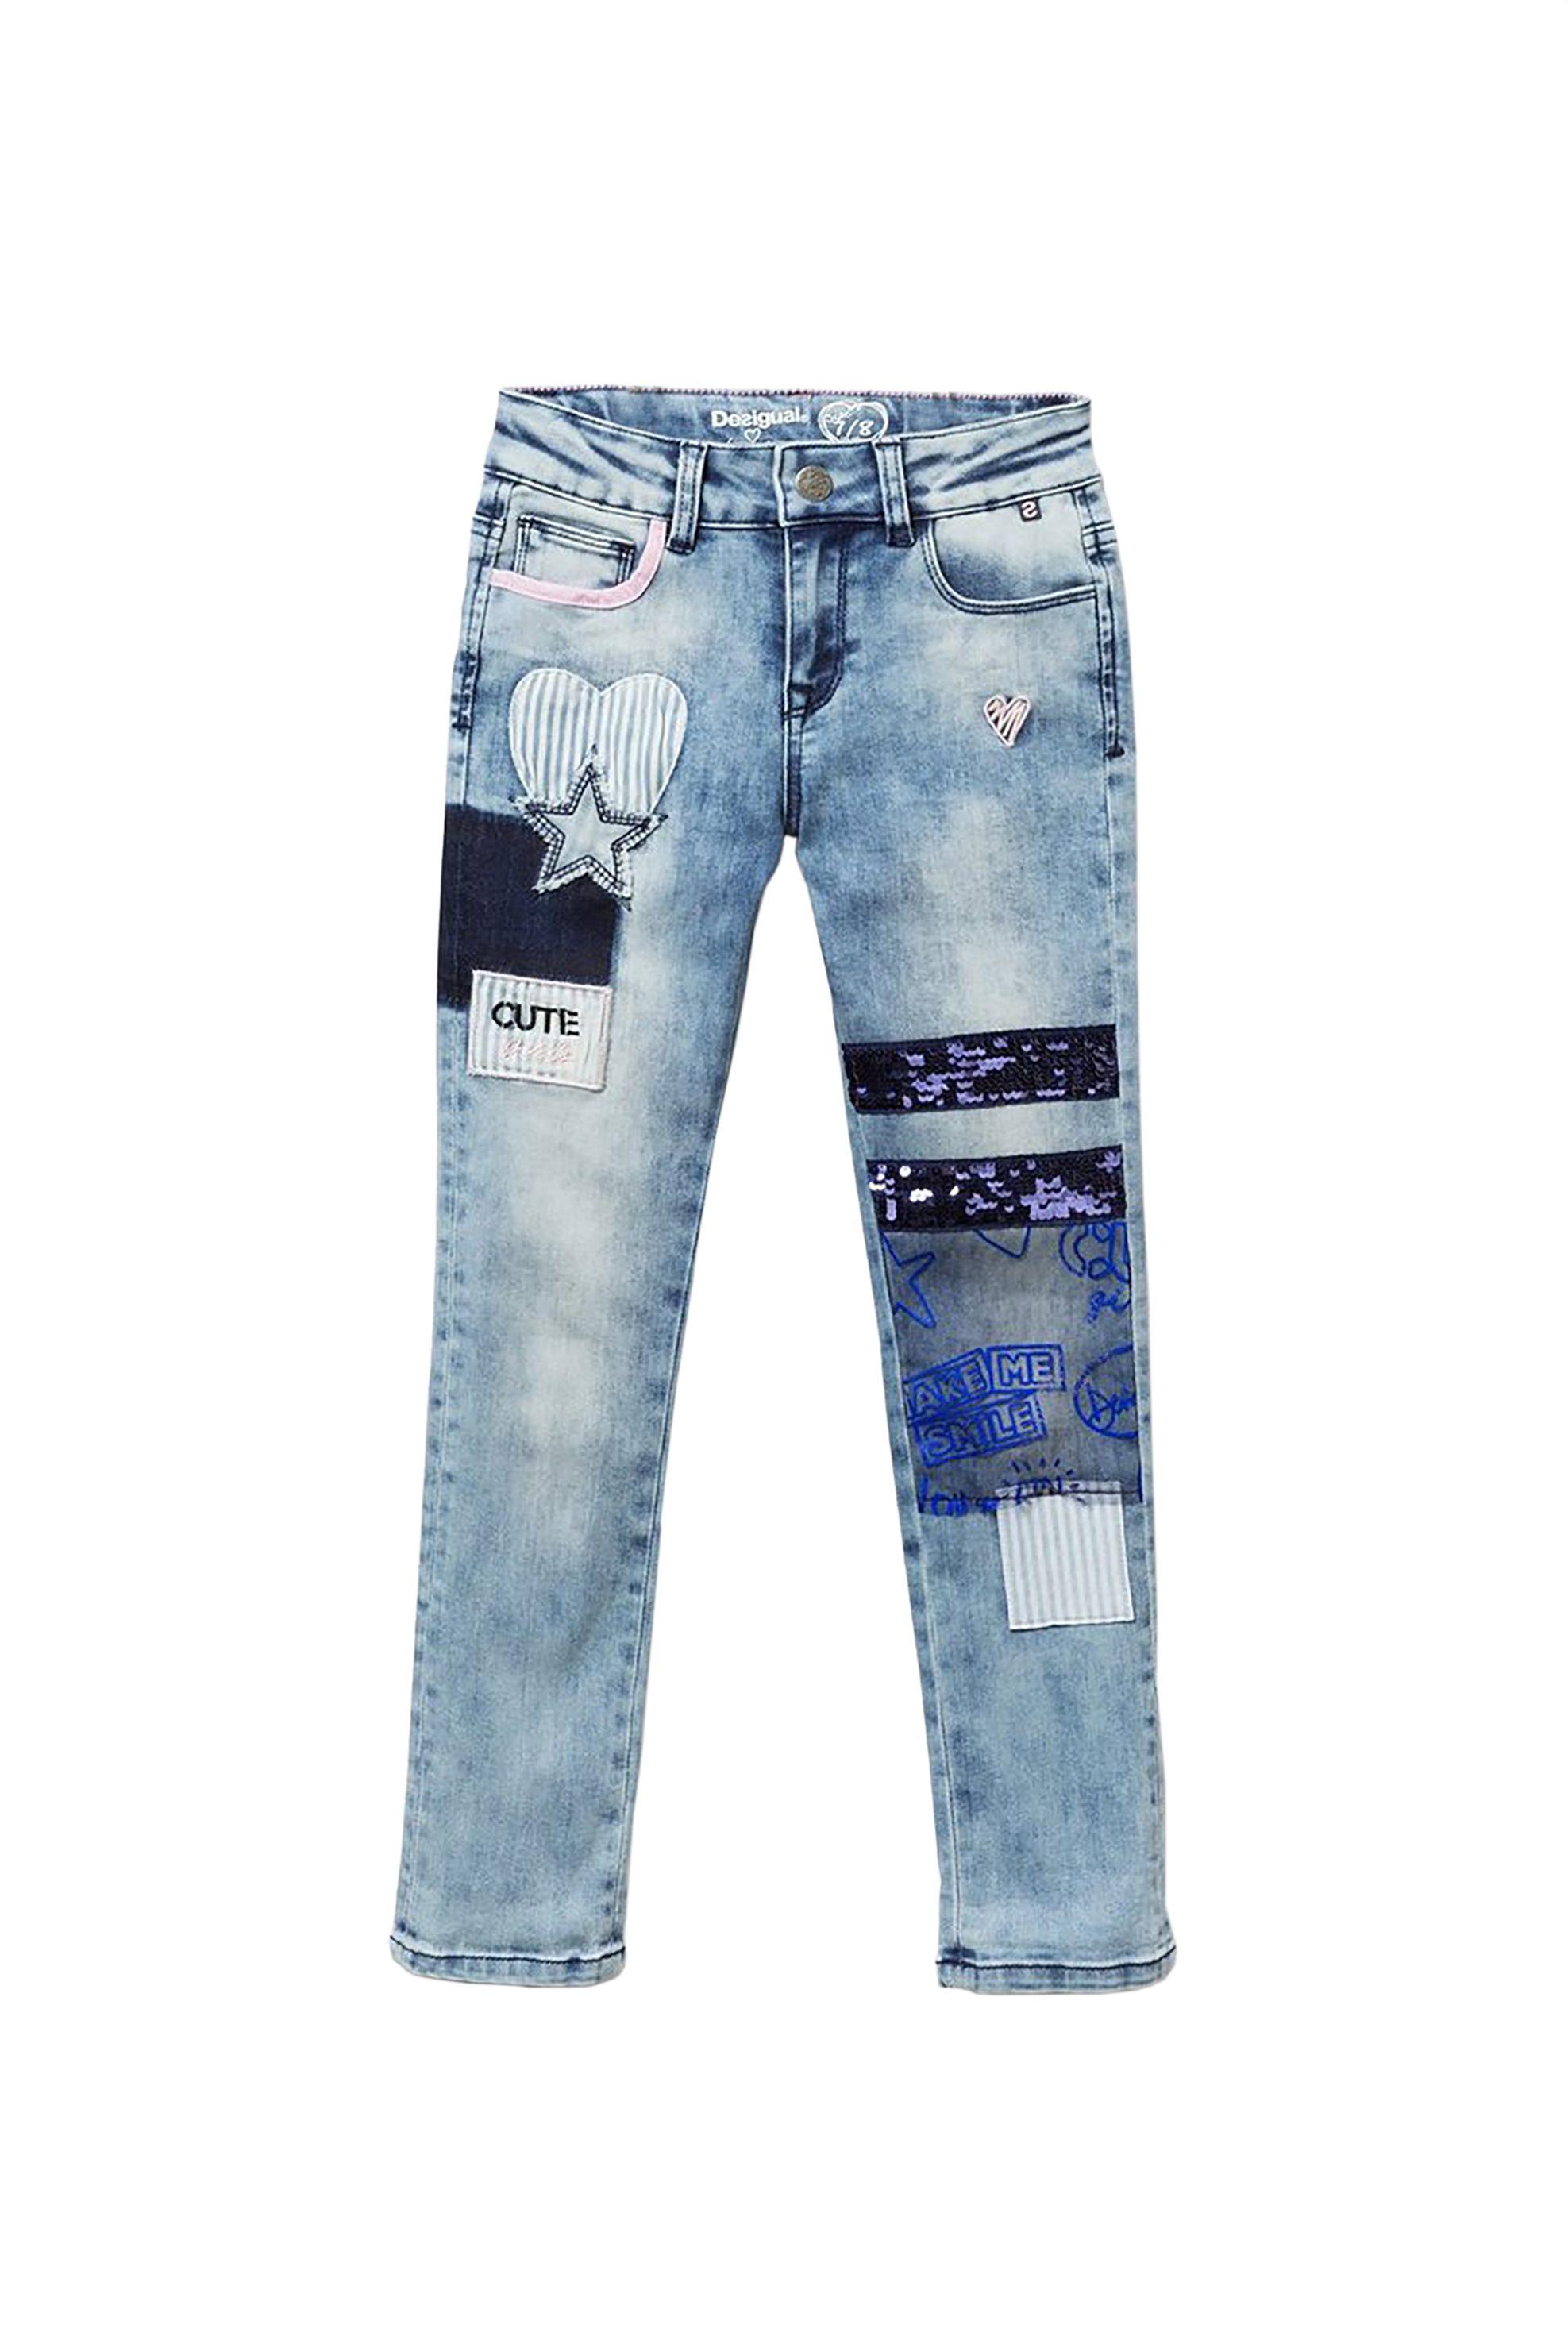 e764caab360 Notos Desigual παιδικό τζην παντελόνι με παγιέτα Αbad - 19SGDD01 - Μπλε  Ανοιχτό